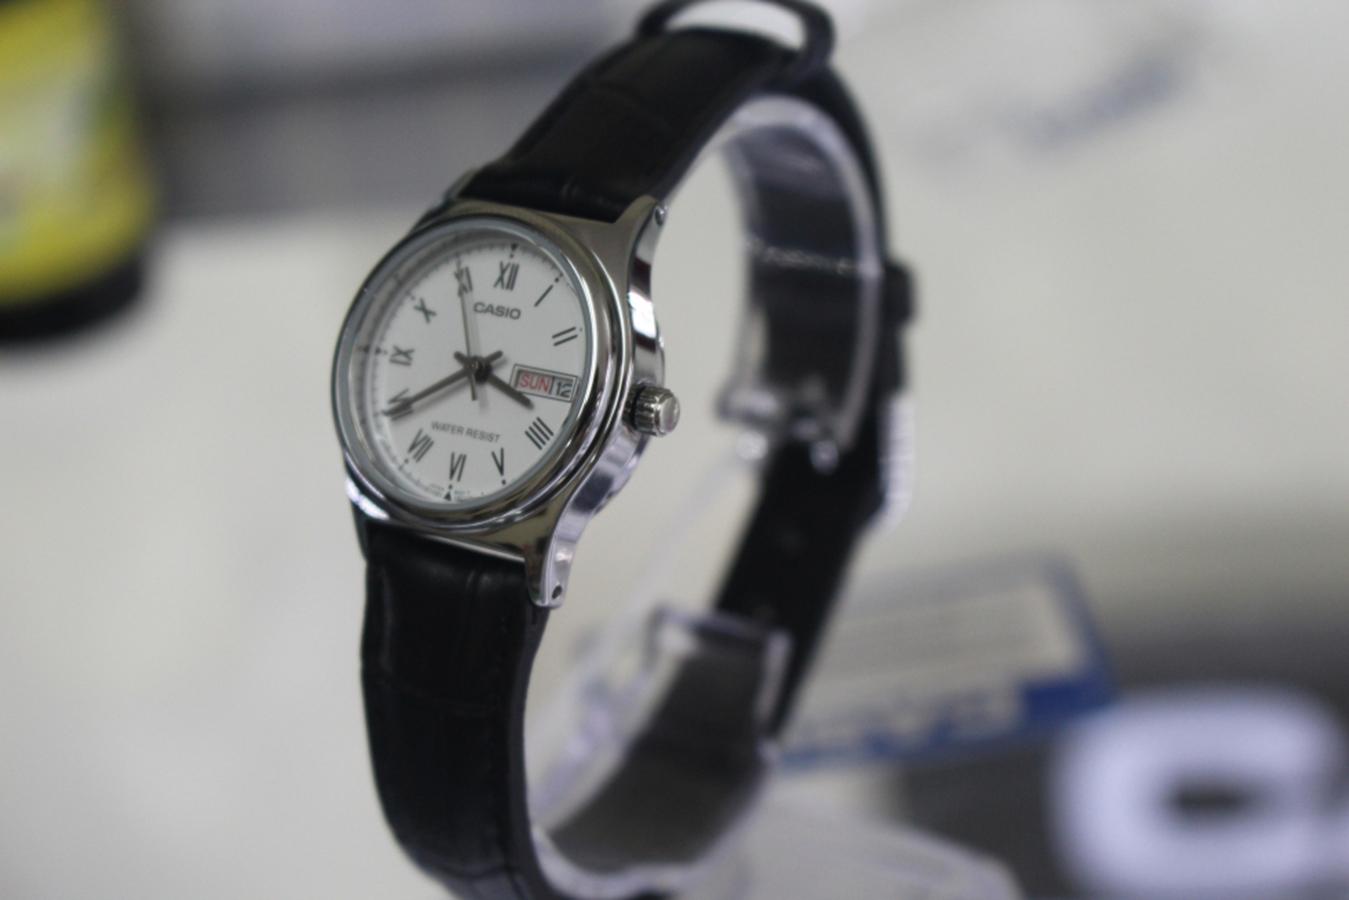 Đồng hồ nữ dây da Casio LTP-V006L-7BUDF